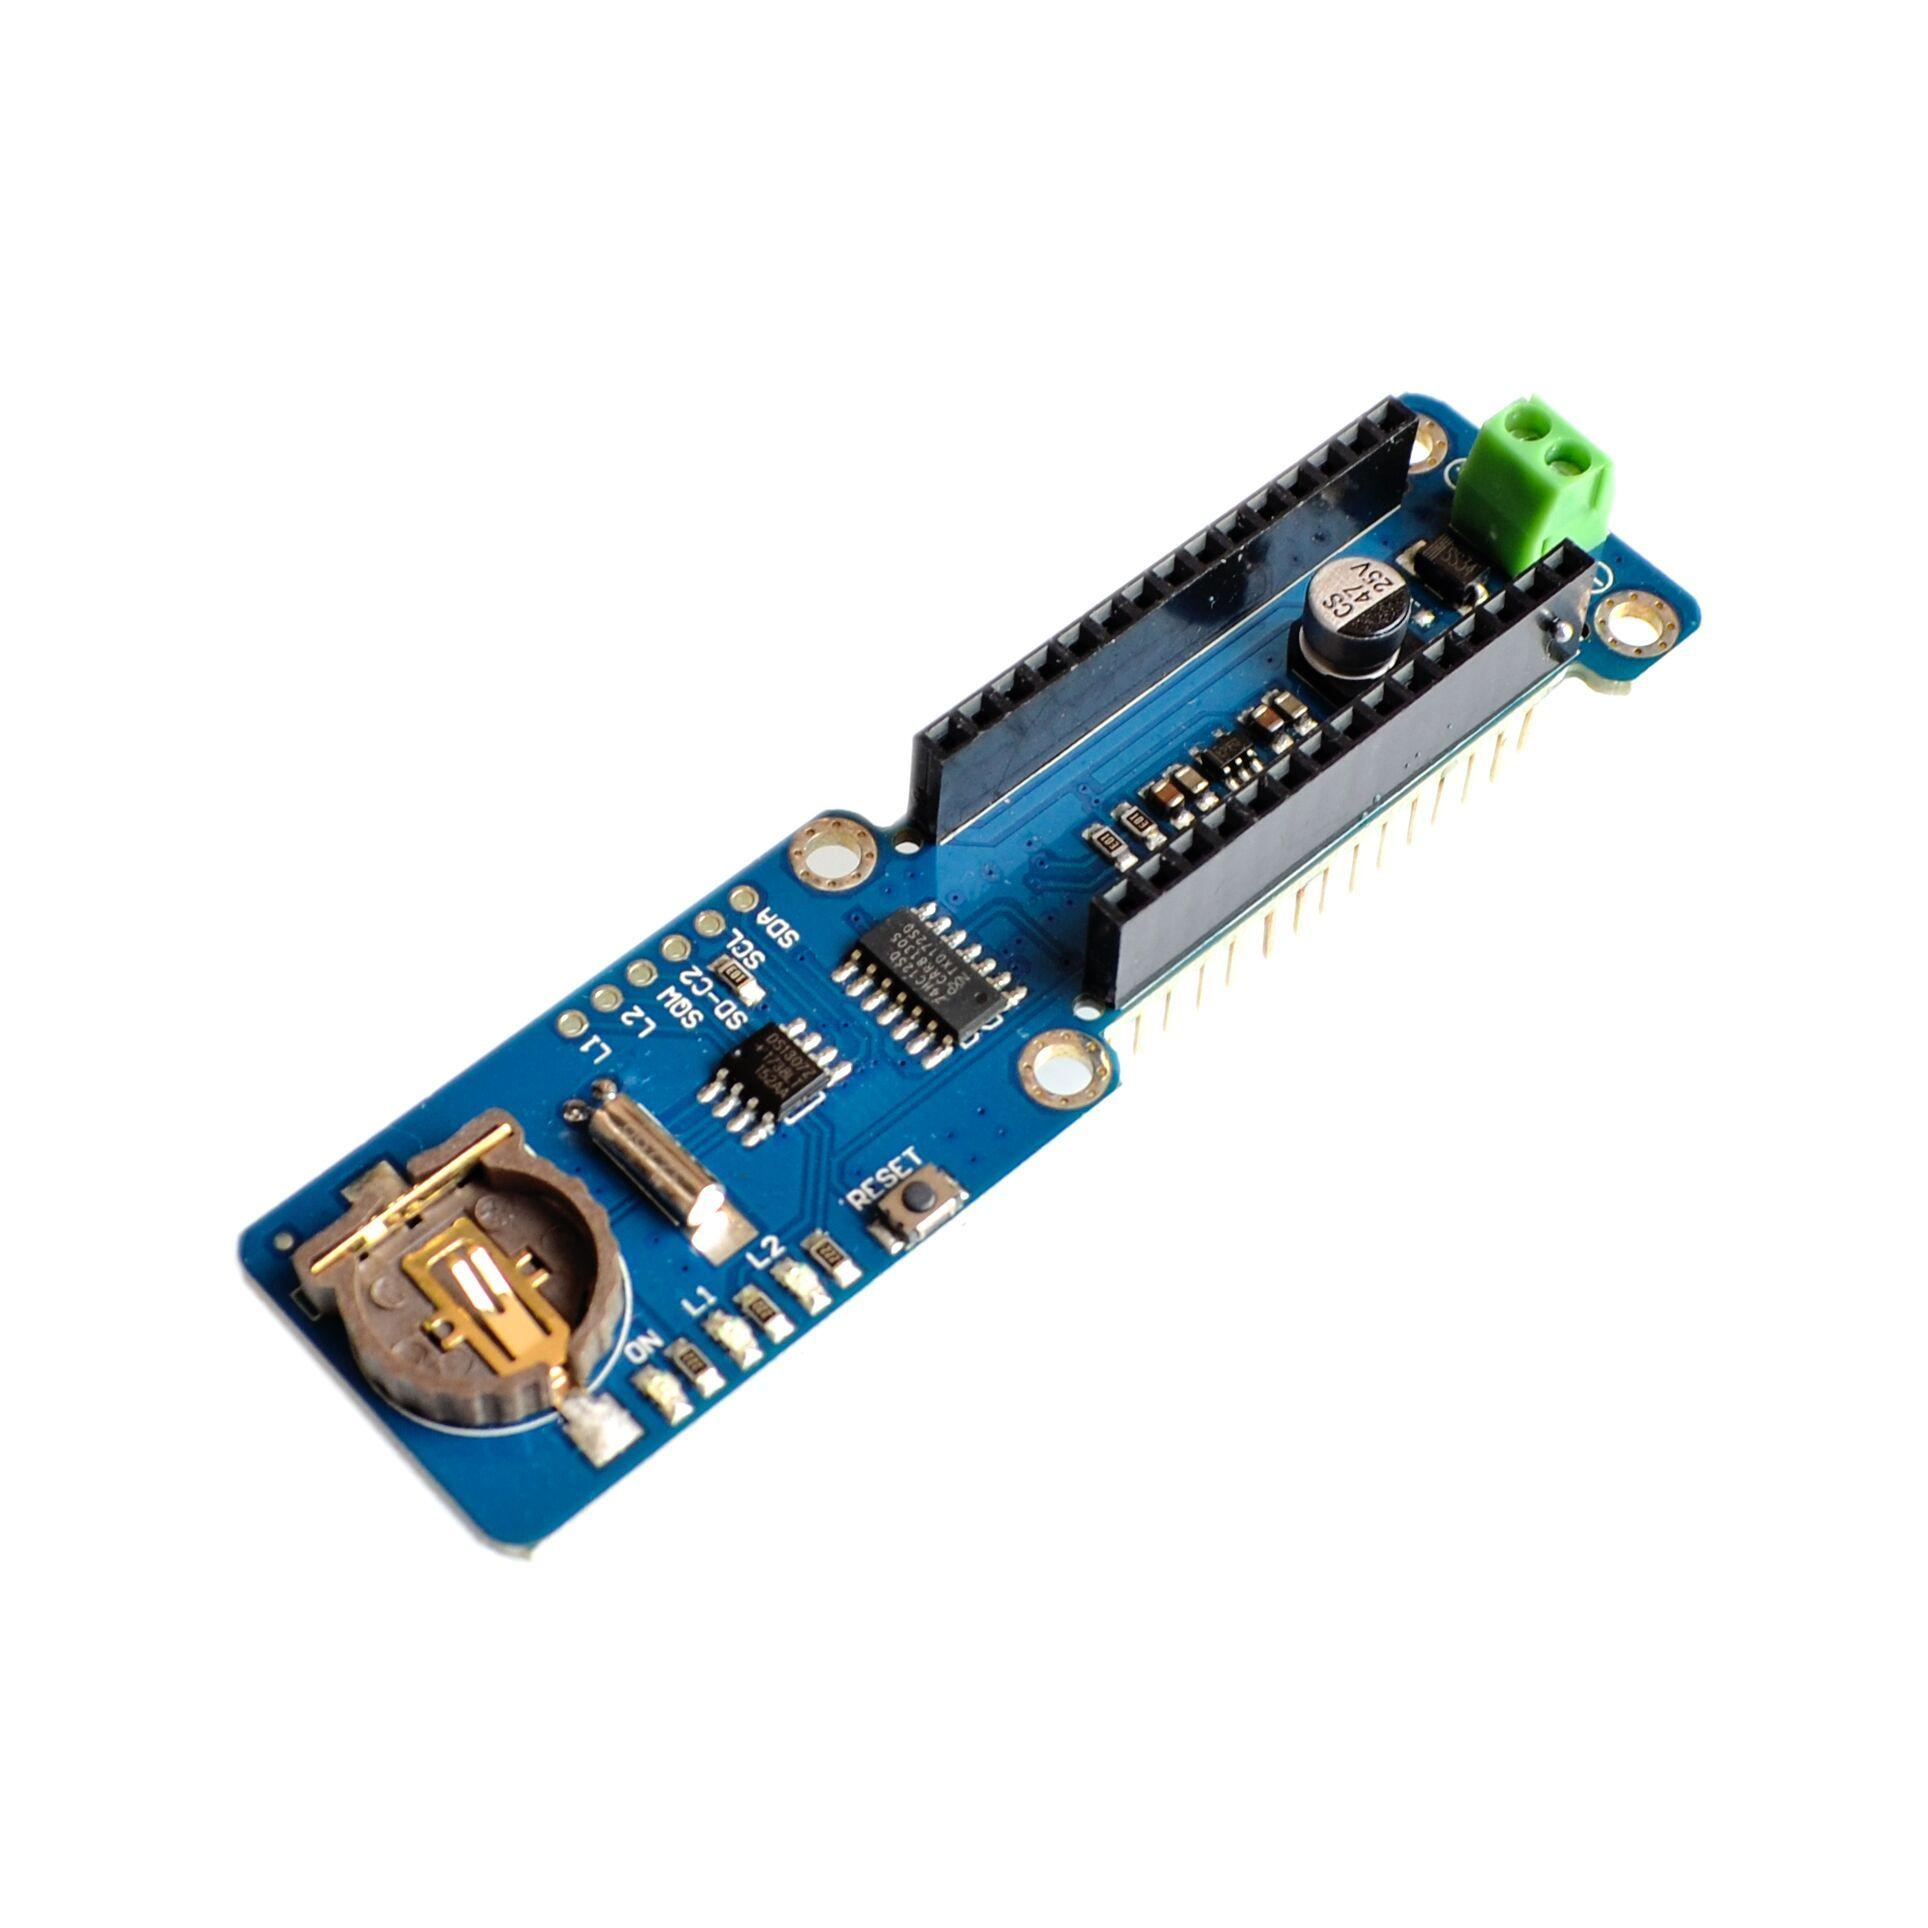 Nano V3.0 3,0 Datensatz Protokollierung Schild Modul Für Arduino Nano Recorder 3,3 V Mit Sd-karten-schnittstelle Modul RTC Real Time Clock